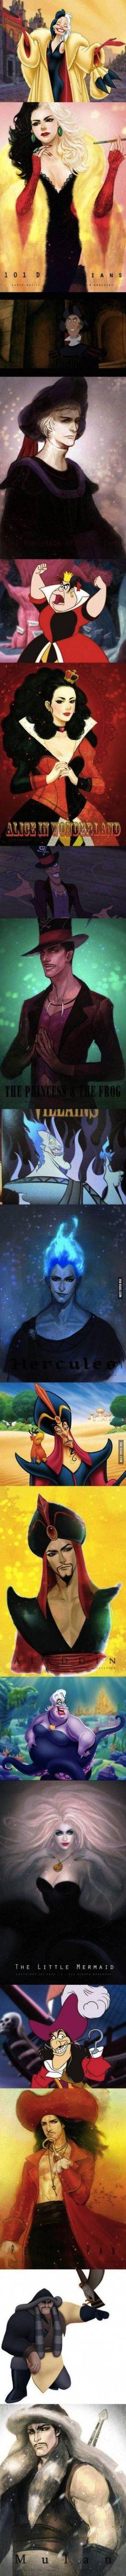 If Disney villains were hot